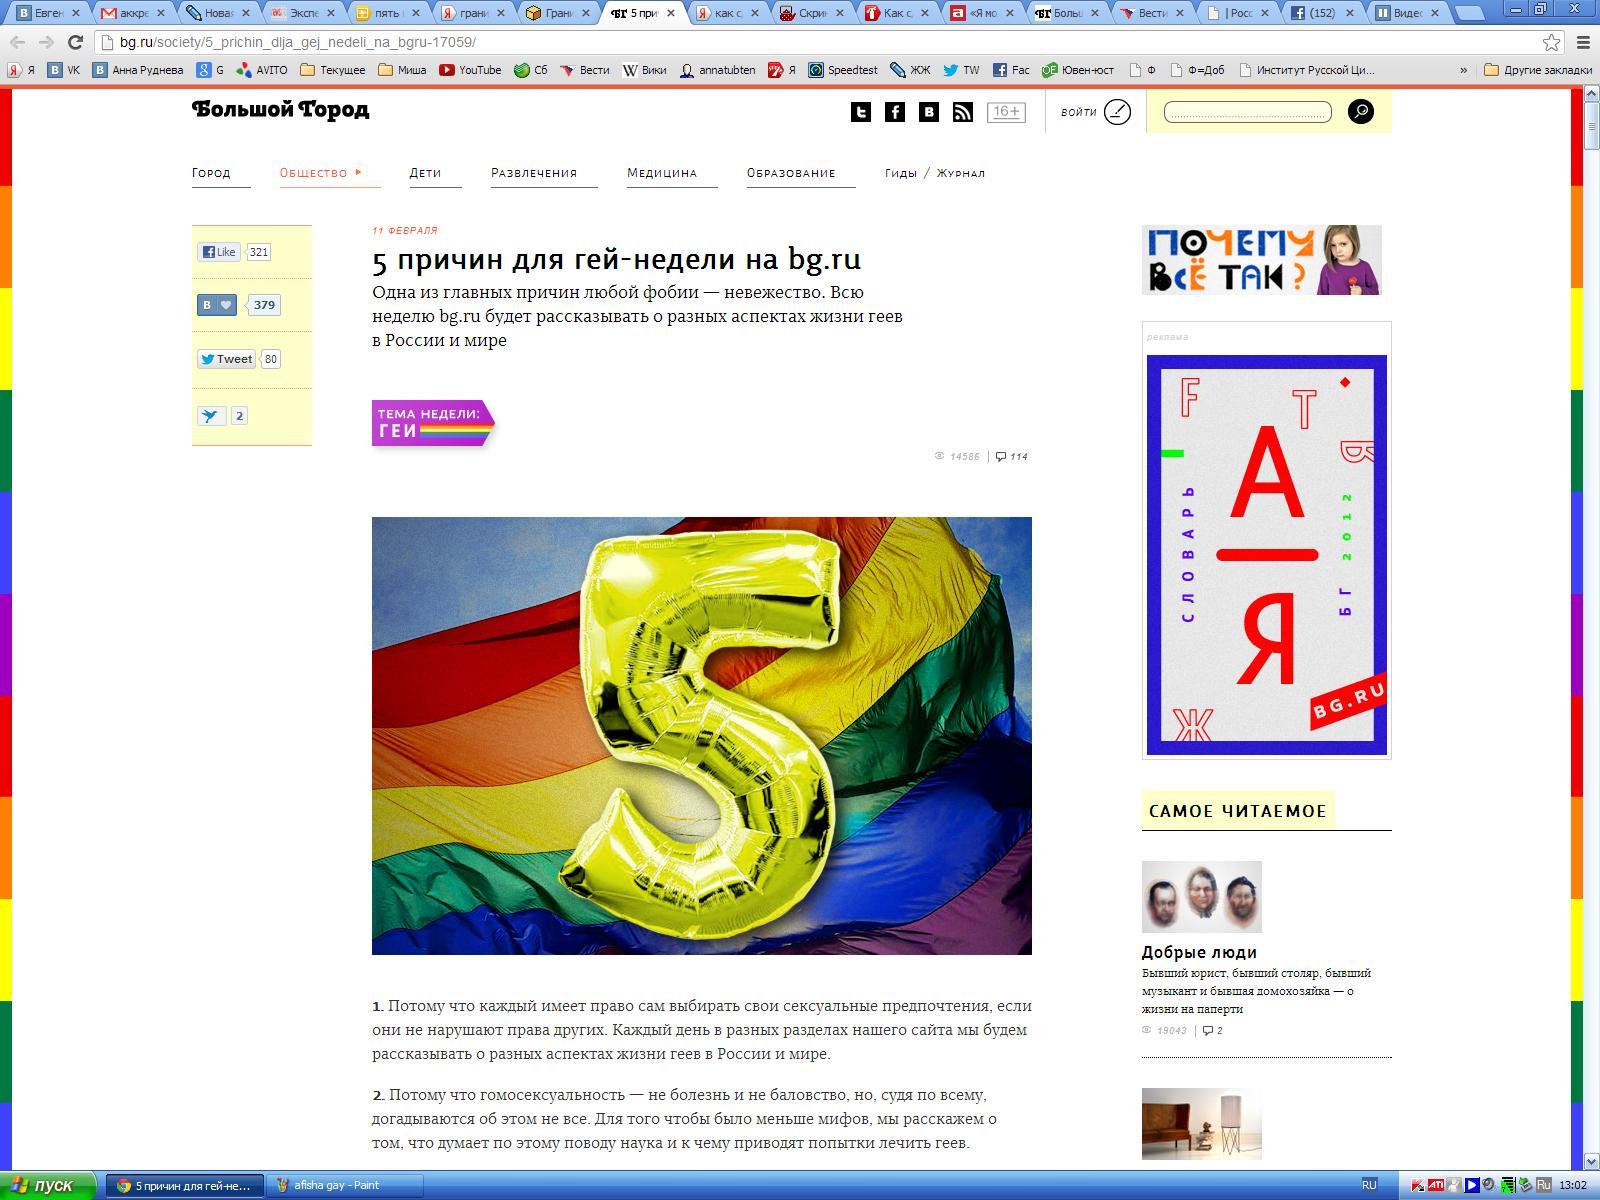 bg.ru gay